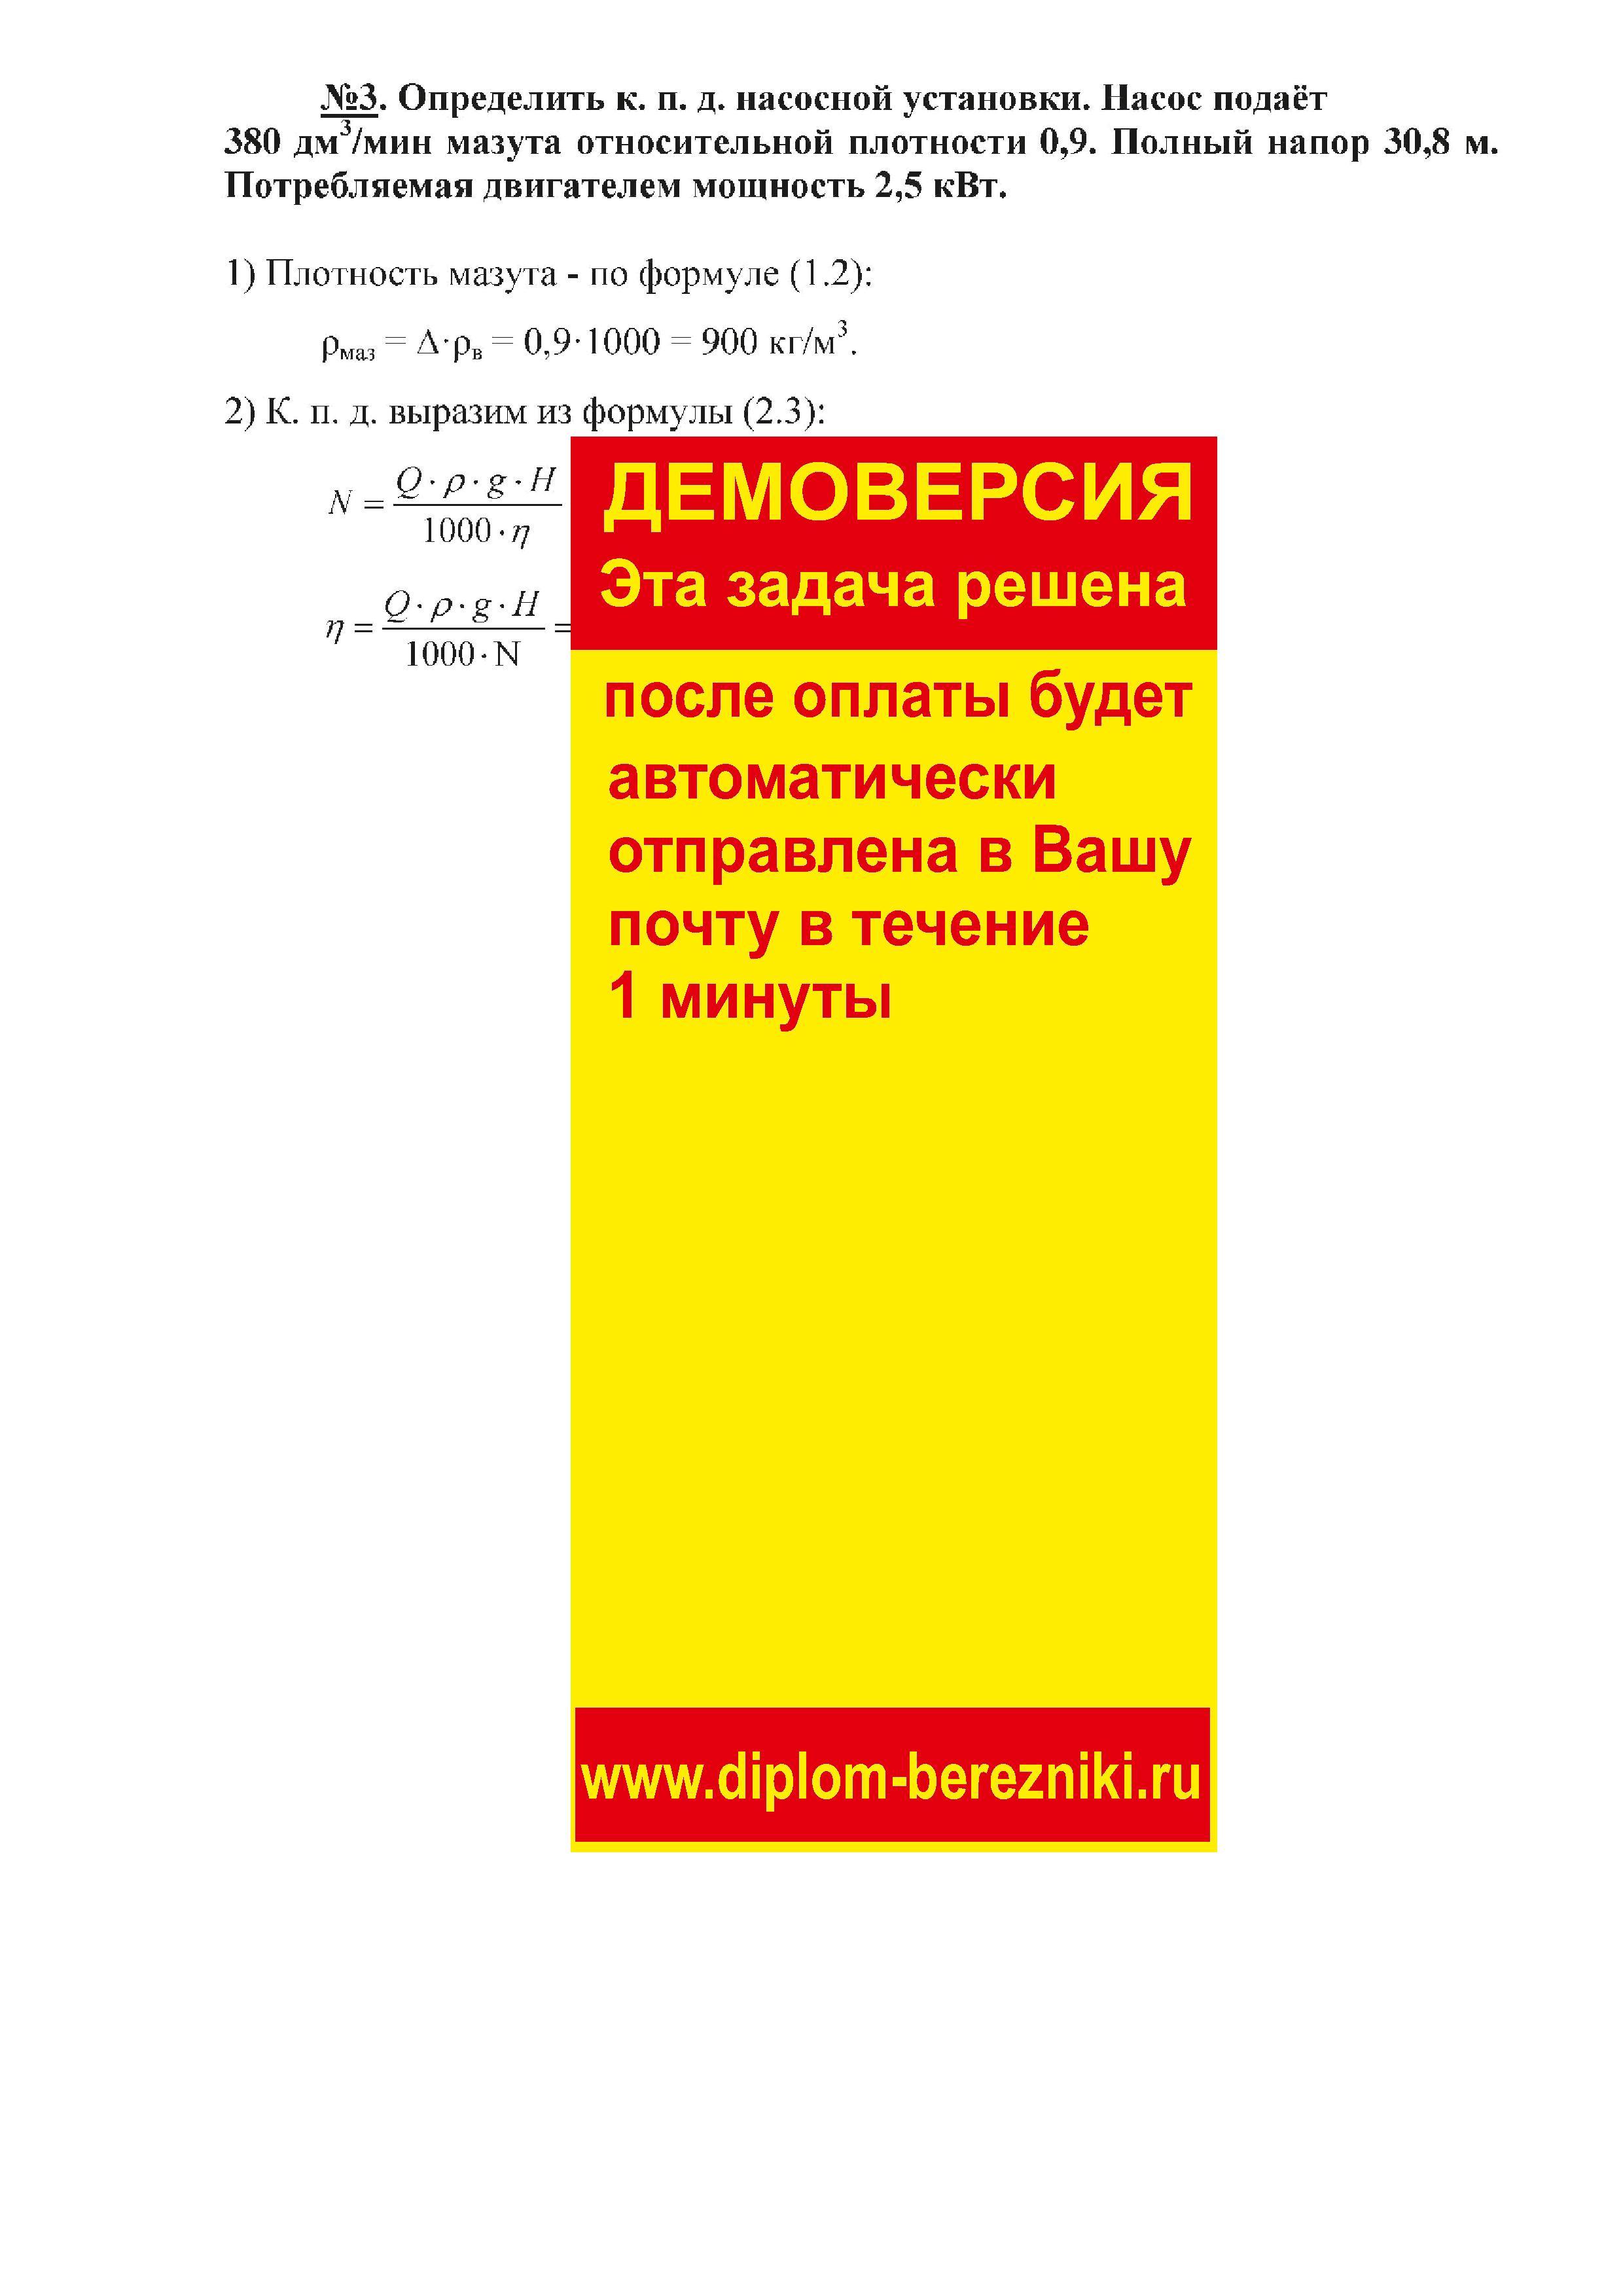 Решение задачи 2.3 по ПАХТ из задачника Павлова Романкова Носкова